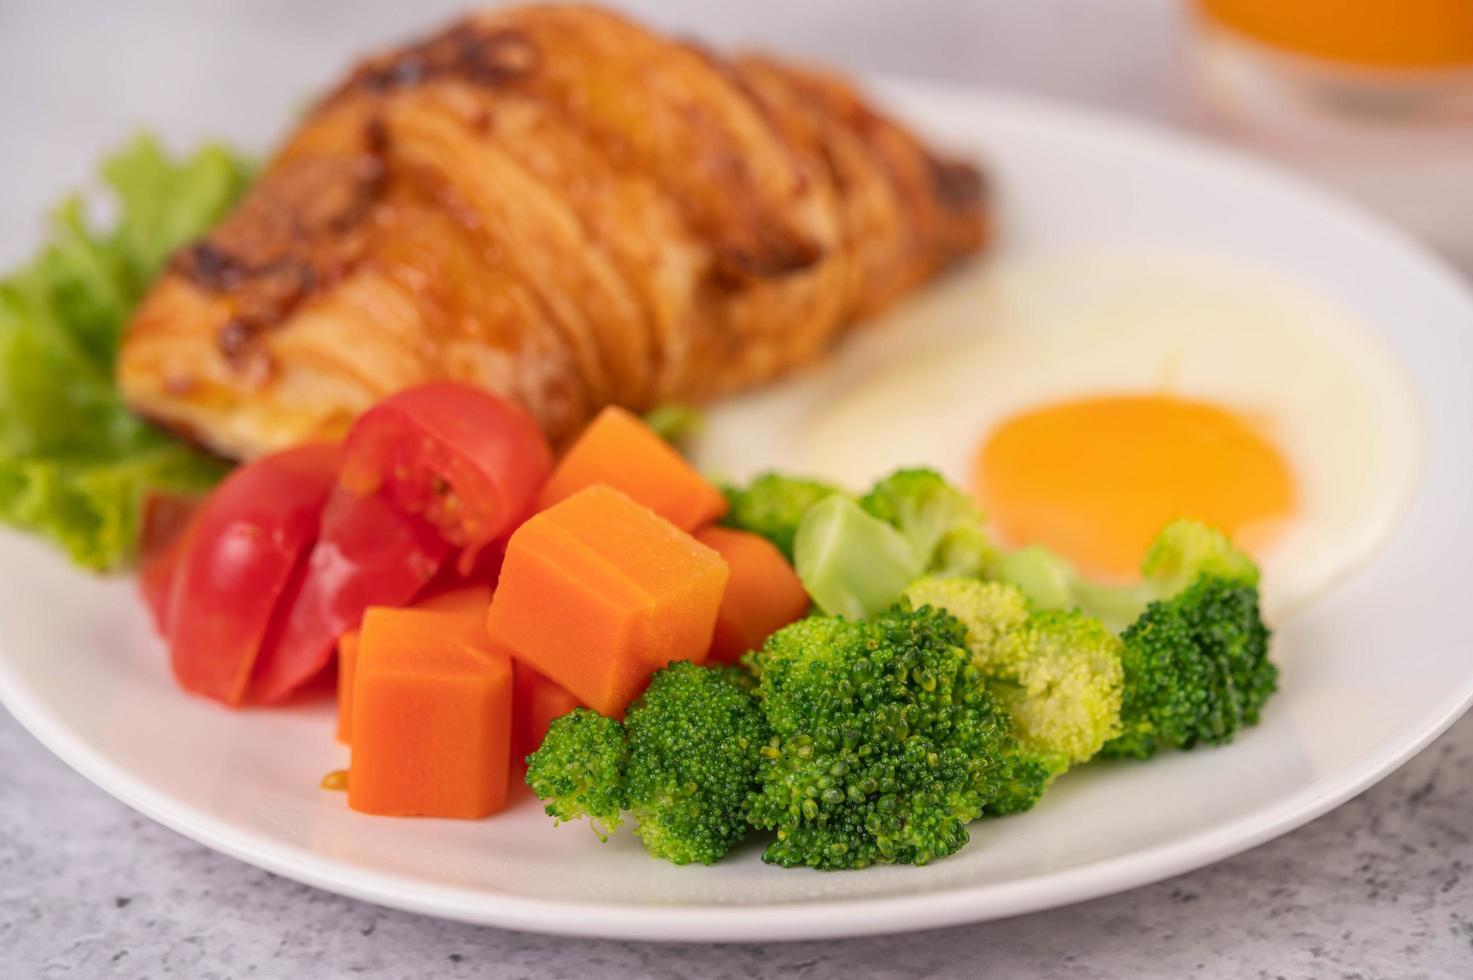 färsk äggcroissant och grönsaksfrukost foto